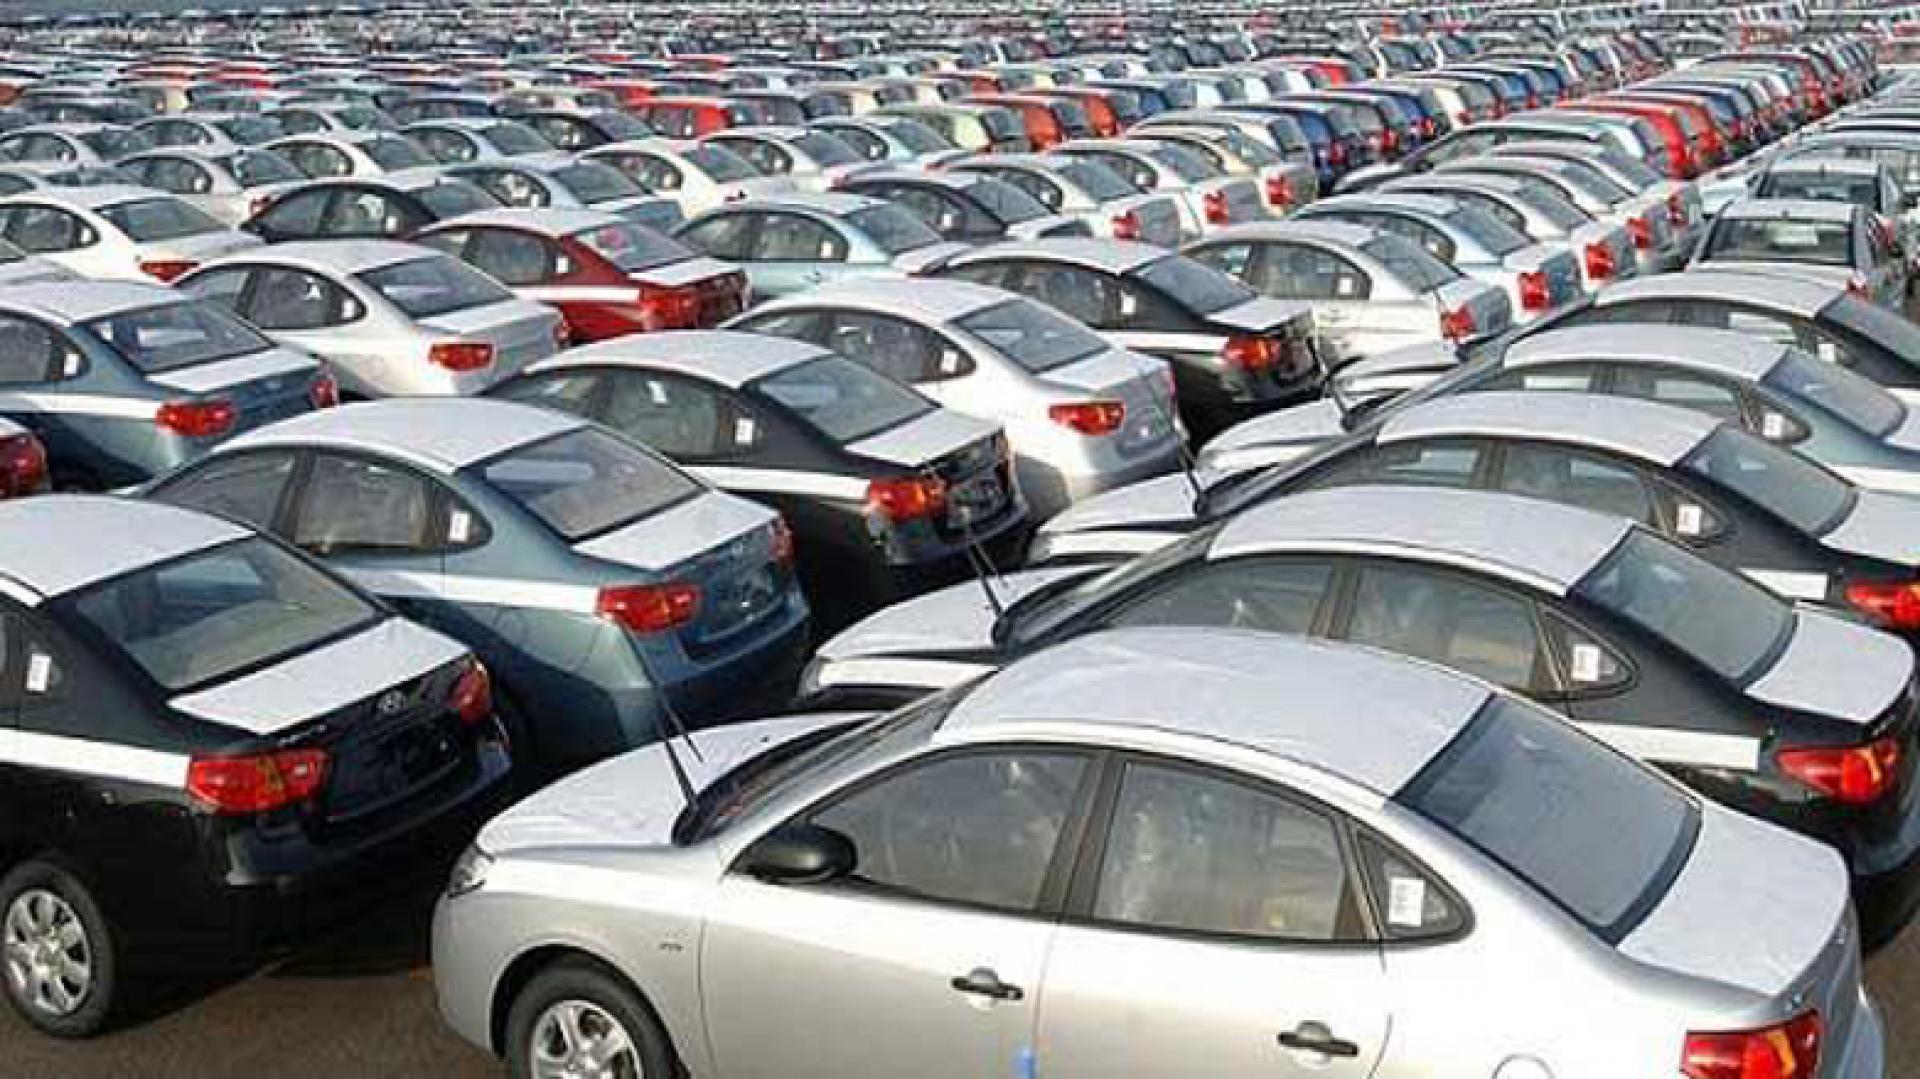 رئيس ;اقتصادية قناة السويس; مصر ستكون من أهم البلدان المصدرة للسيارات إلى إفريقيا